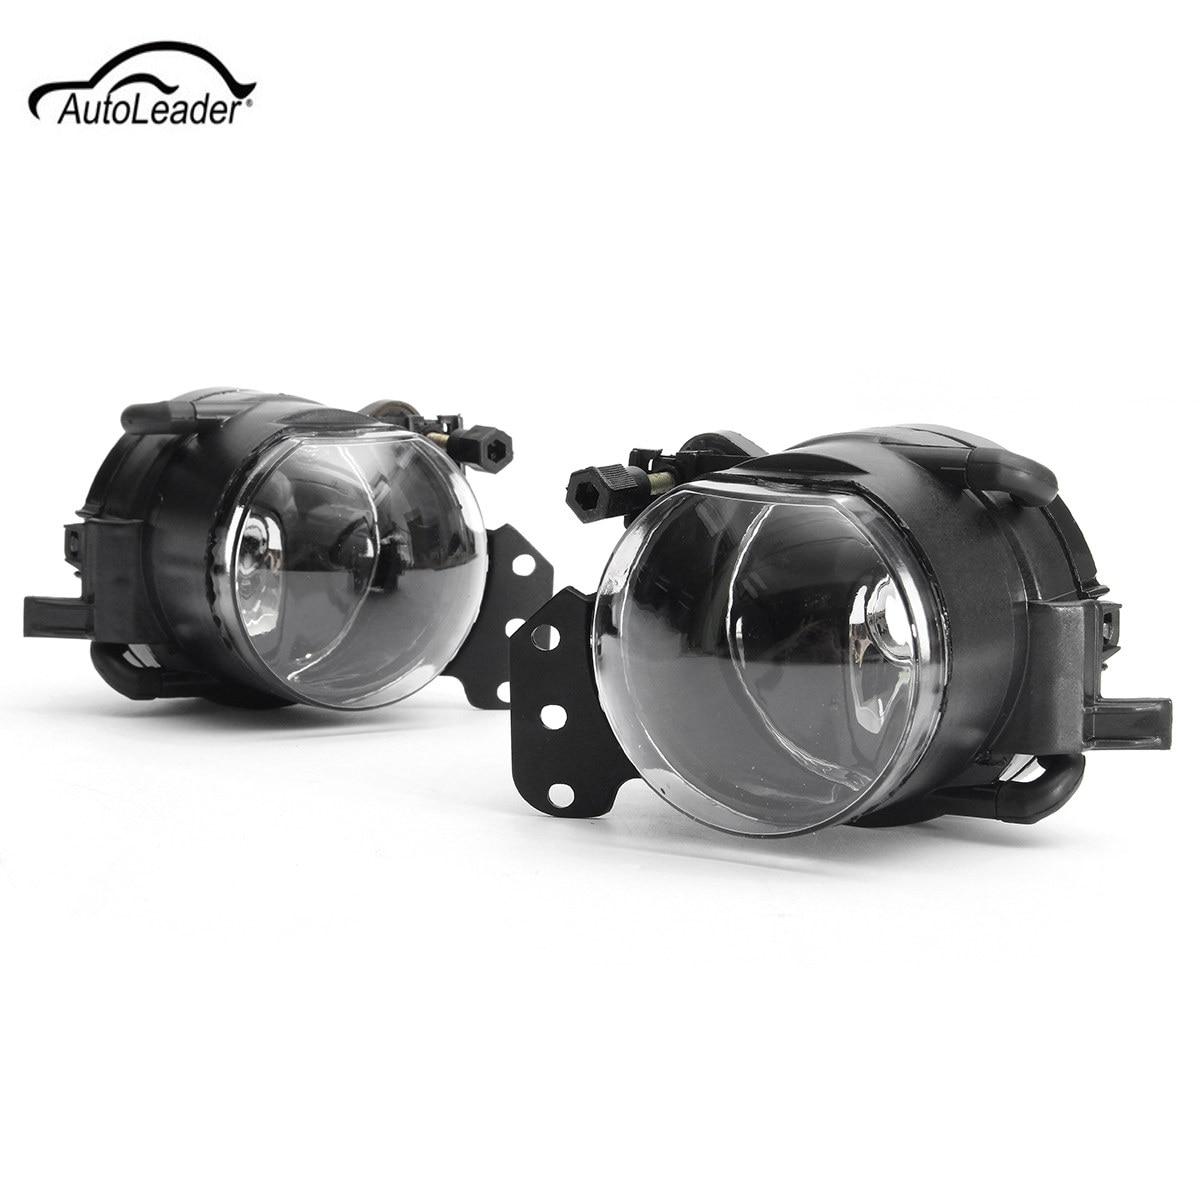 2Pcs Car Front Fog Lights Lamps Housing Lens Clear For BMW E60 E90 E63 E46 323i 325i 525i защитные аксессуары car pakistan bmw alpina